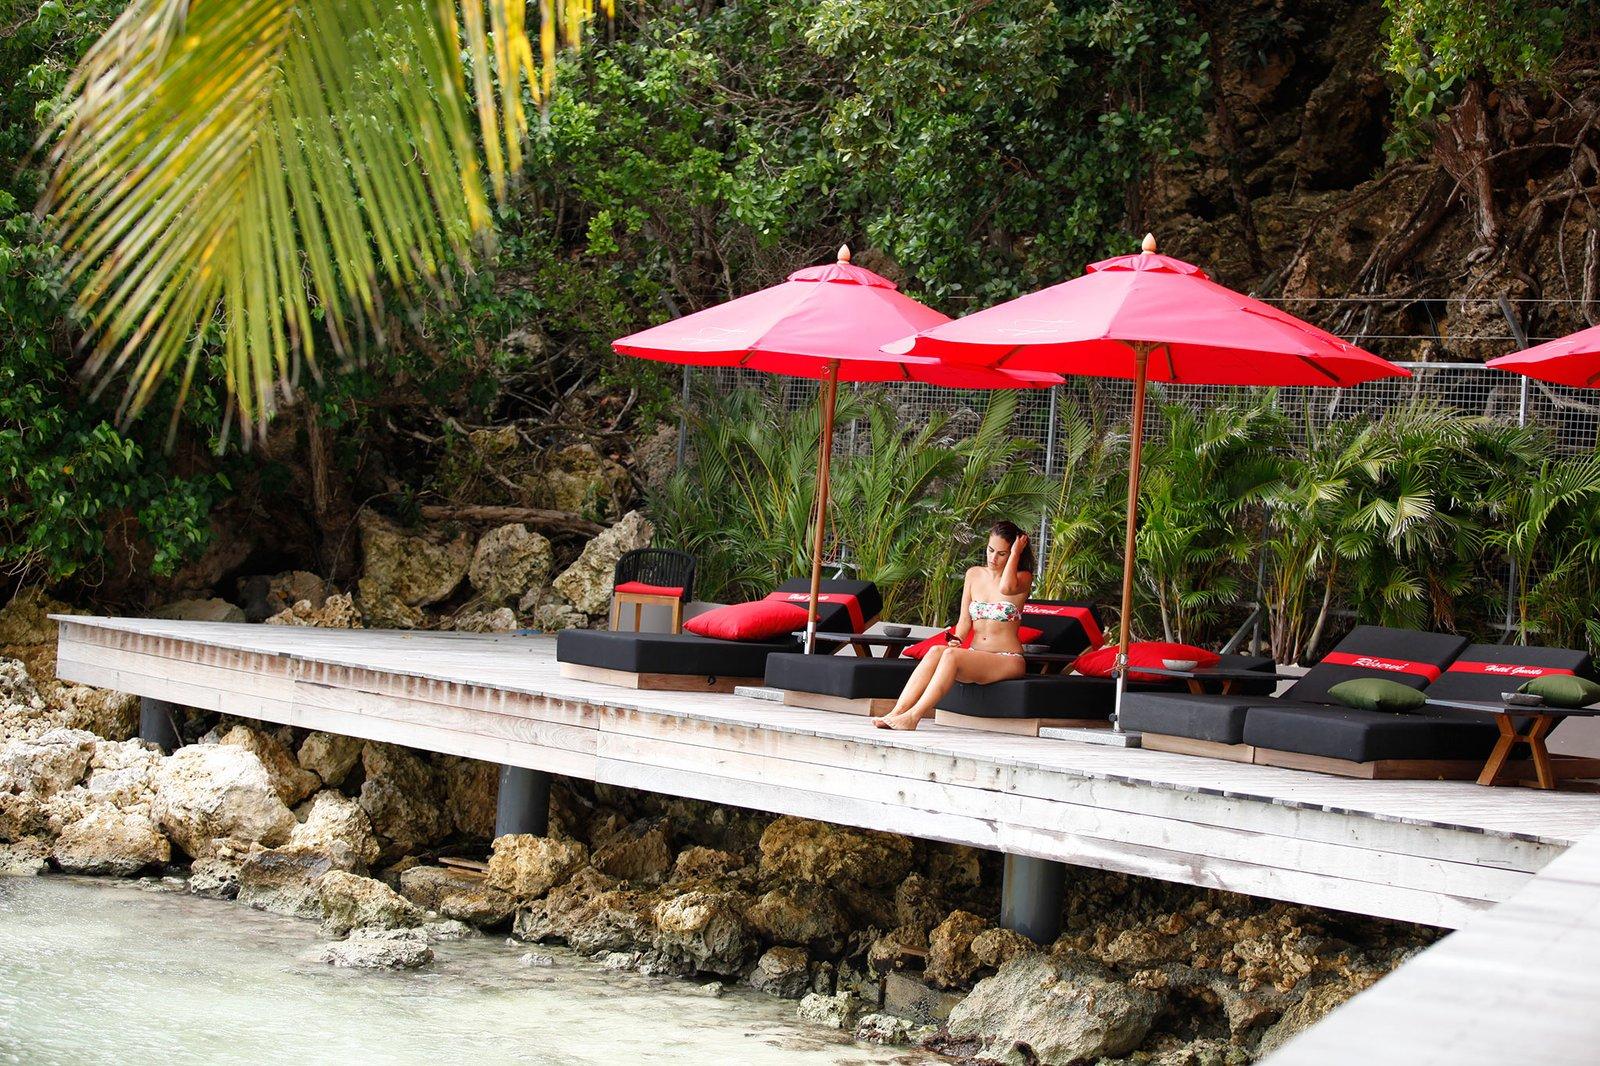 La Toubana Hotel & Spa, votre Boutique Hôtel en Grande-Terre en Guadeloupe avec une splendide vue sur les eaux turquoises des Caraïbes